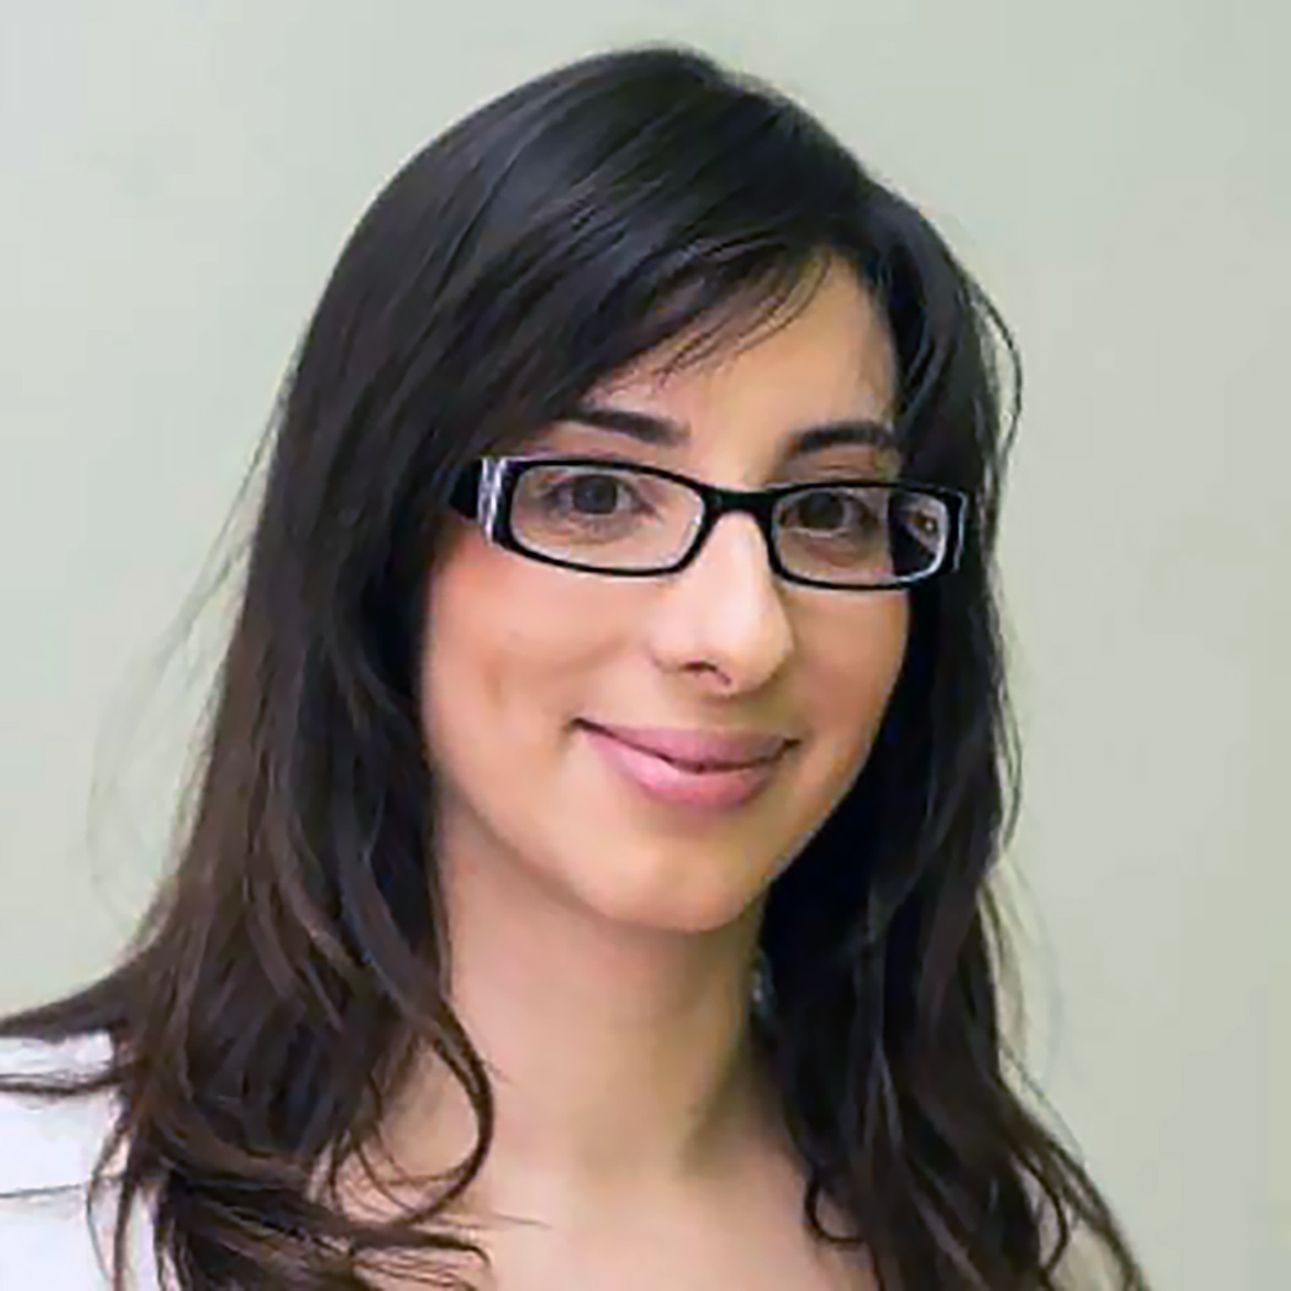 Joana Almeida